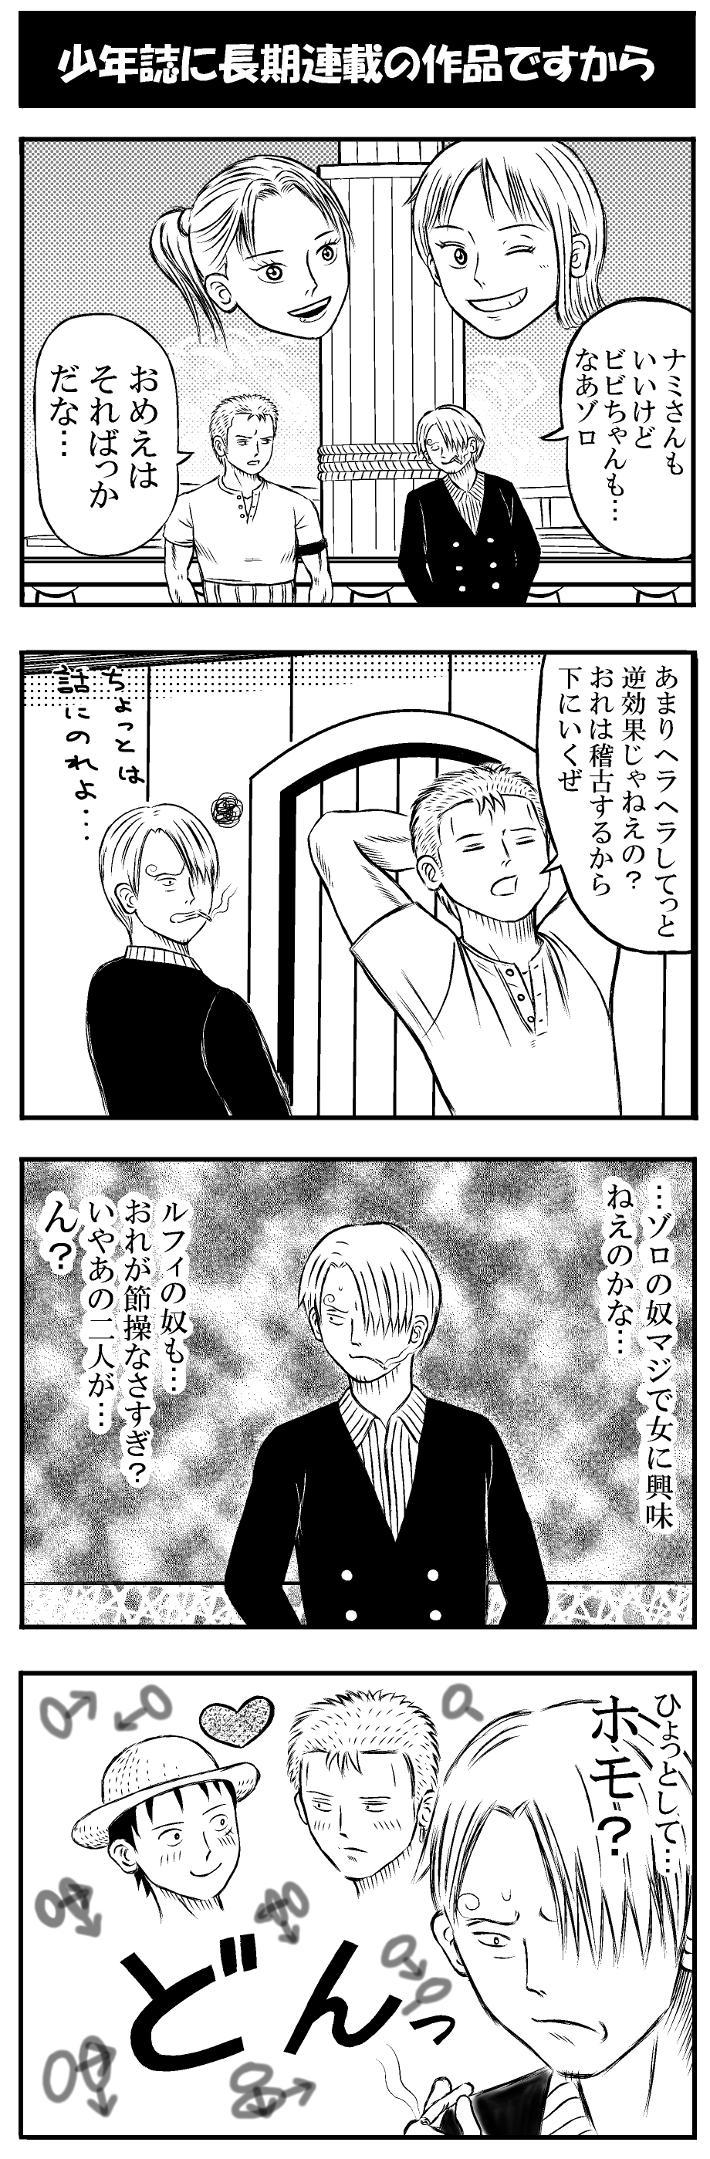 ワンピース ゲイ疑惑